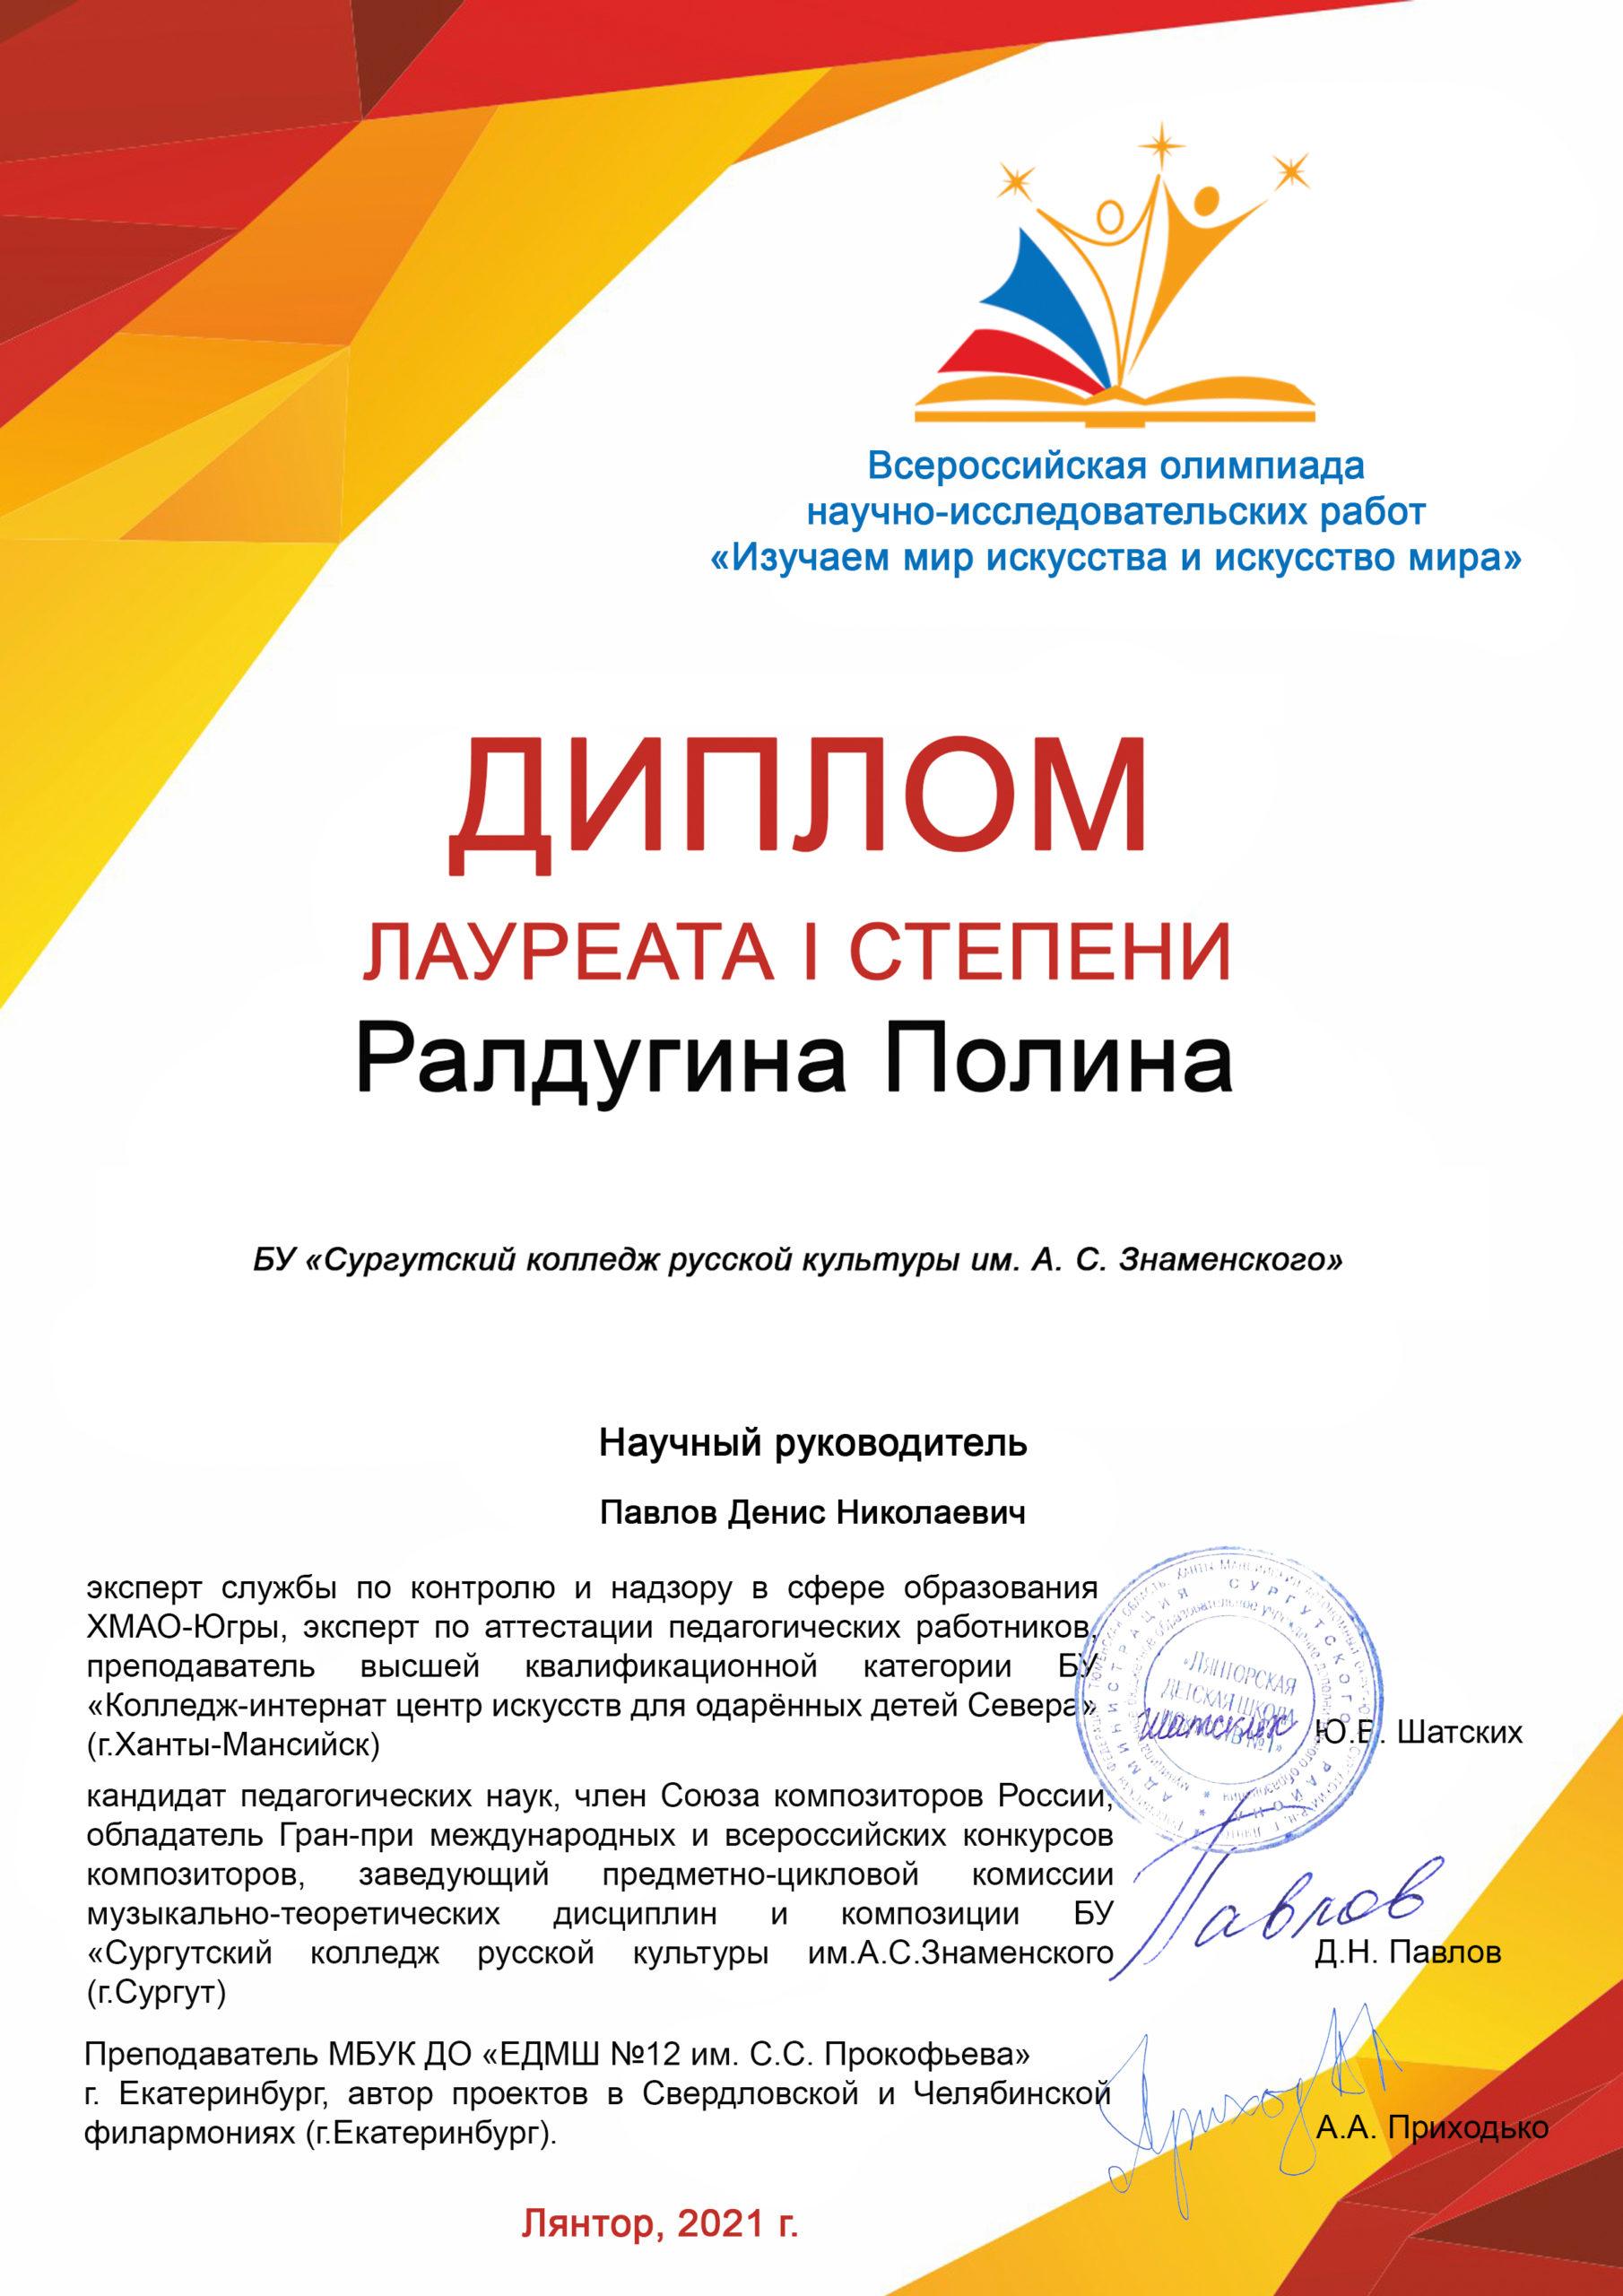 Ралдугина Полина